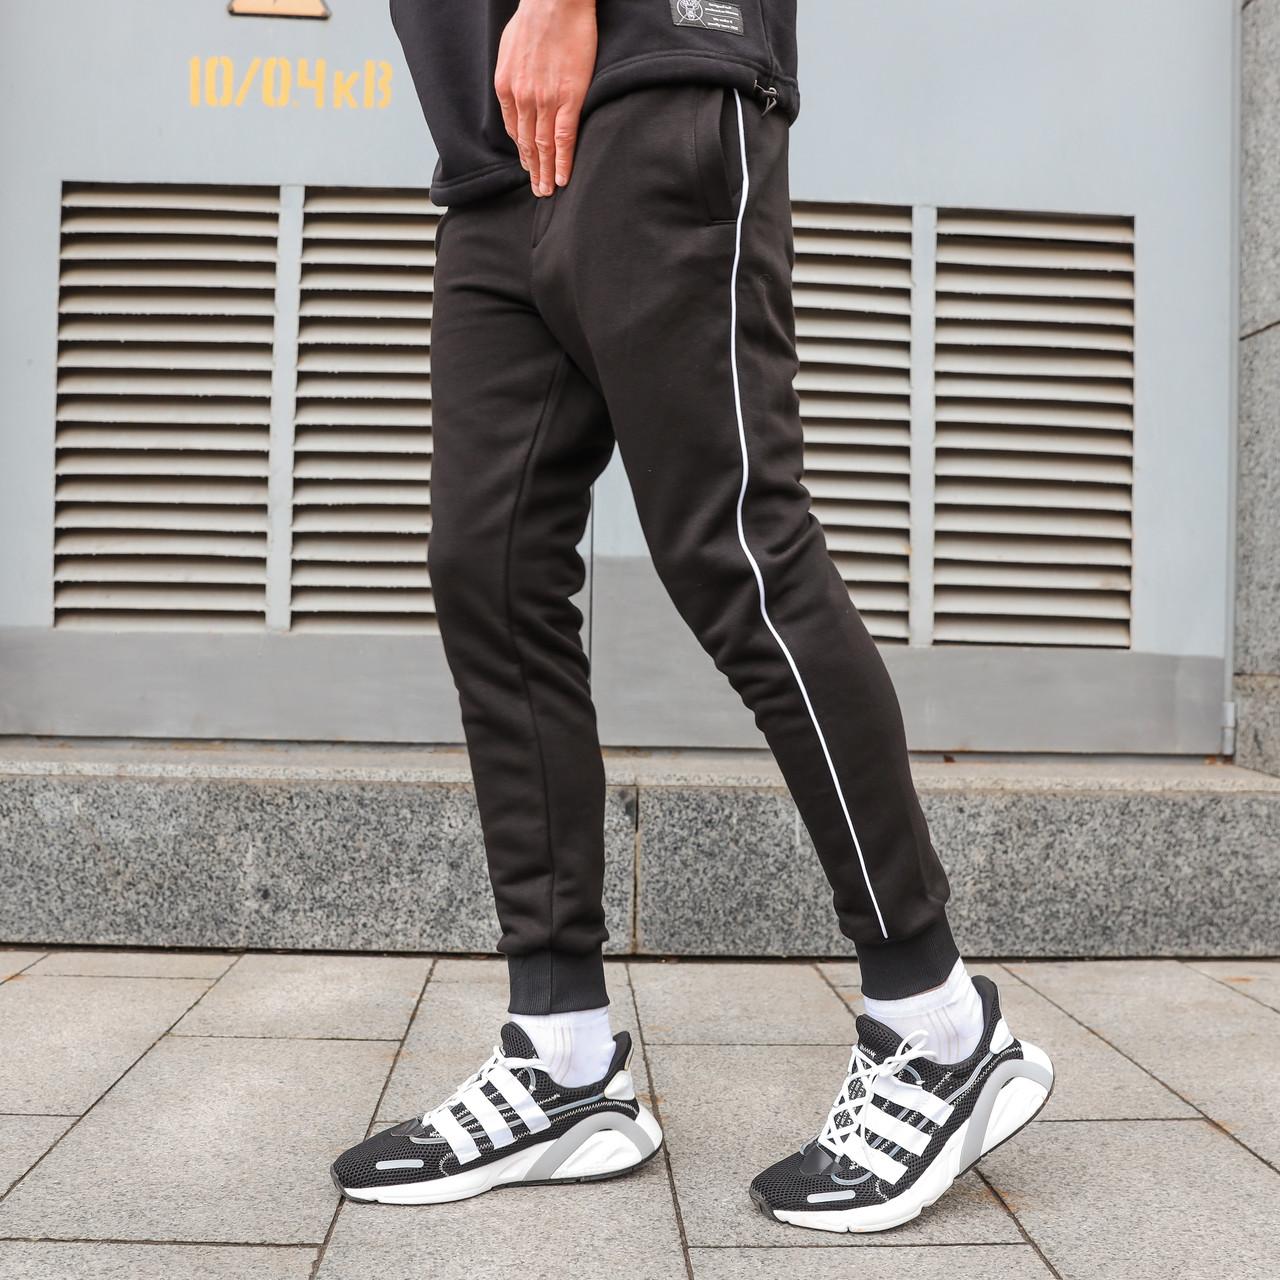 Спортивные штаны мужские черные от бренда ТУР модель Рейн (Rain)